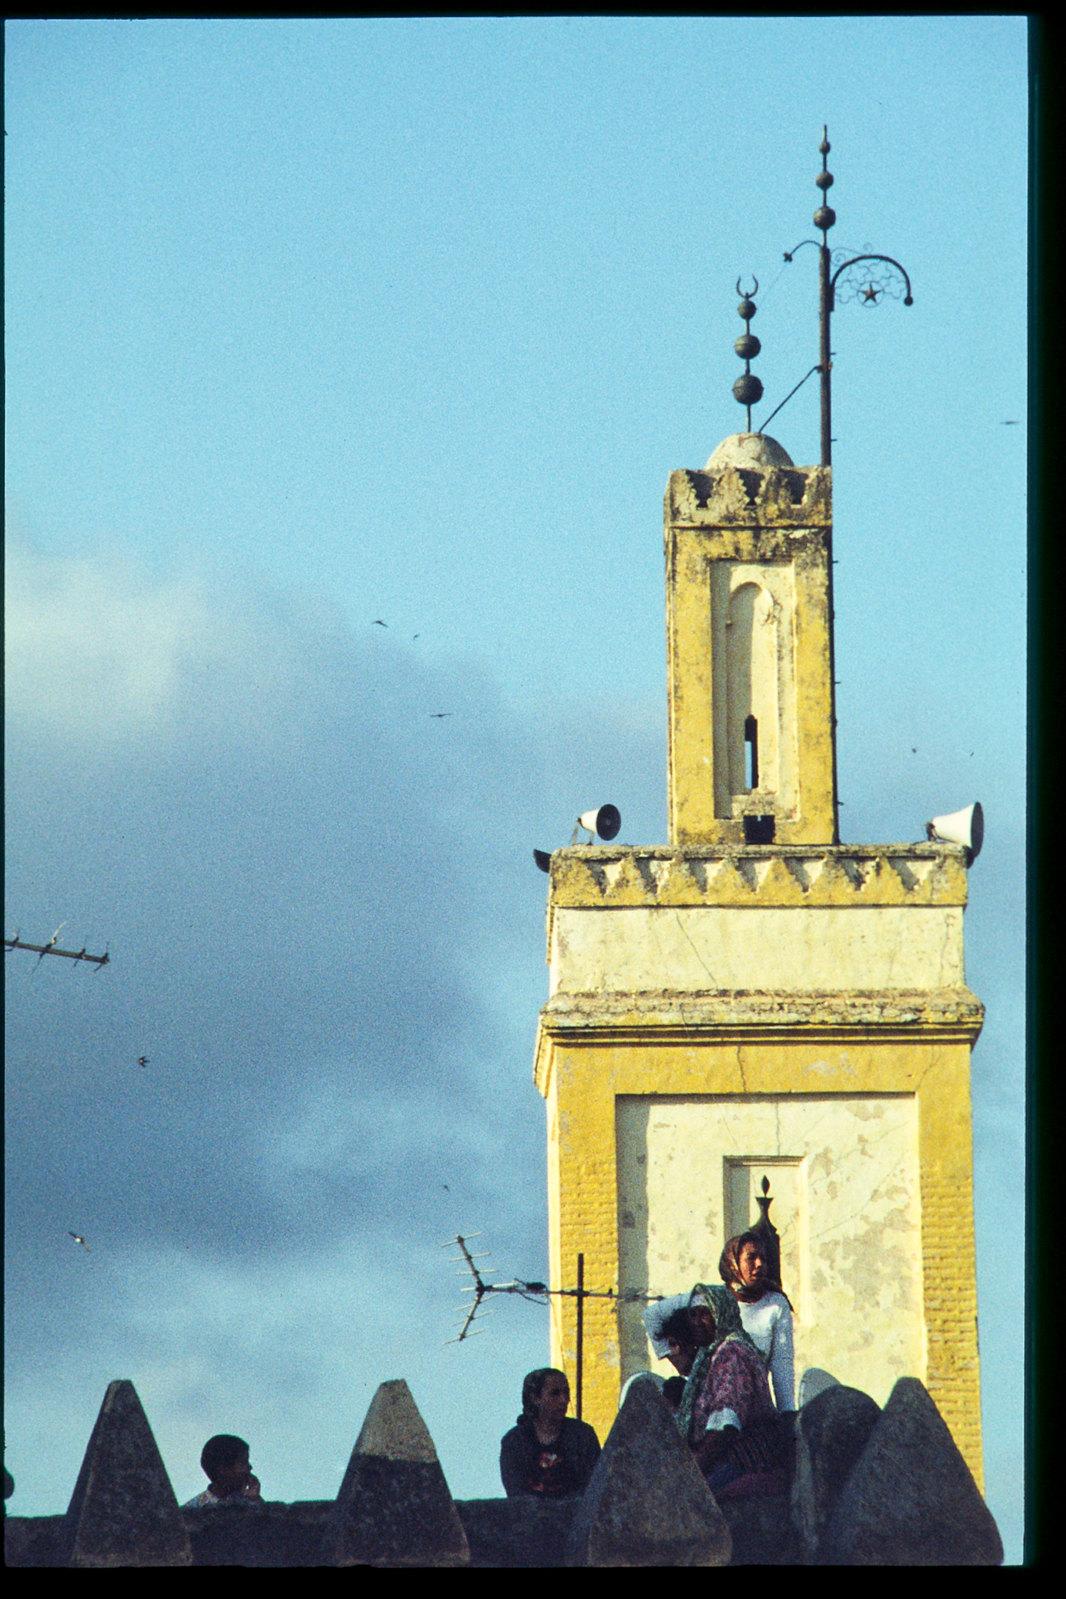 Festival de musique de Fes - Du haut du minaret